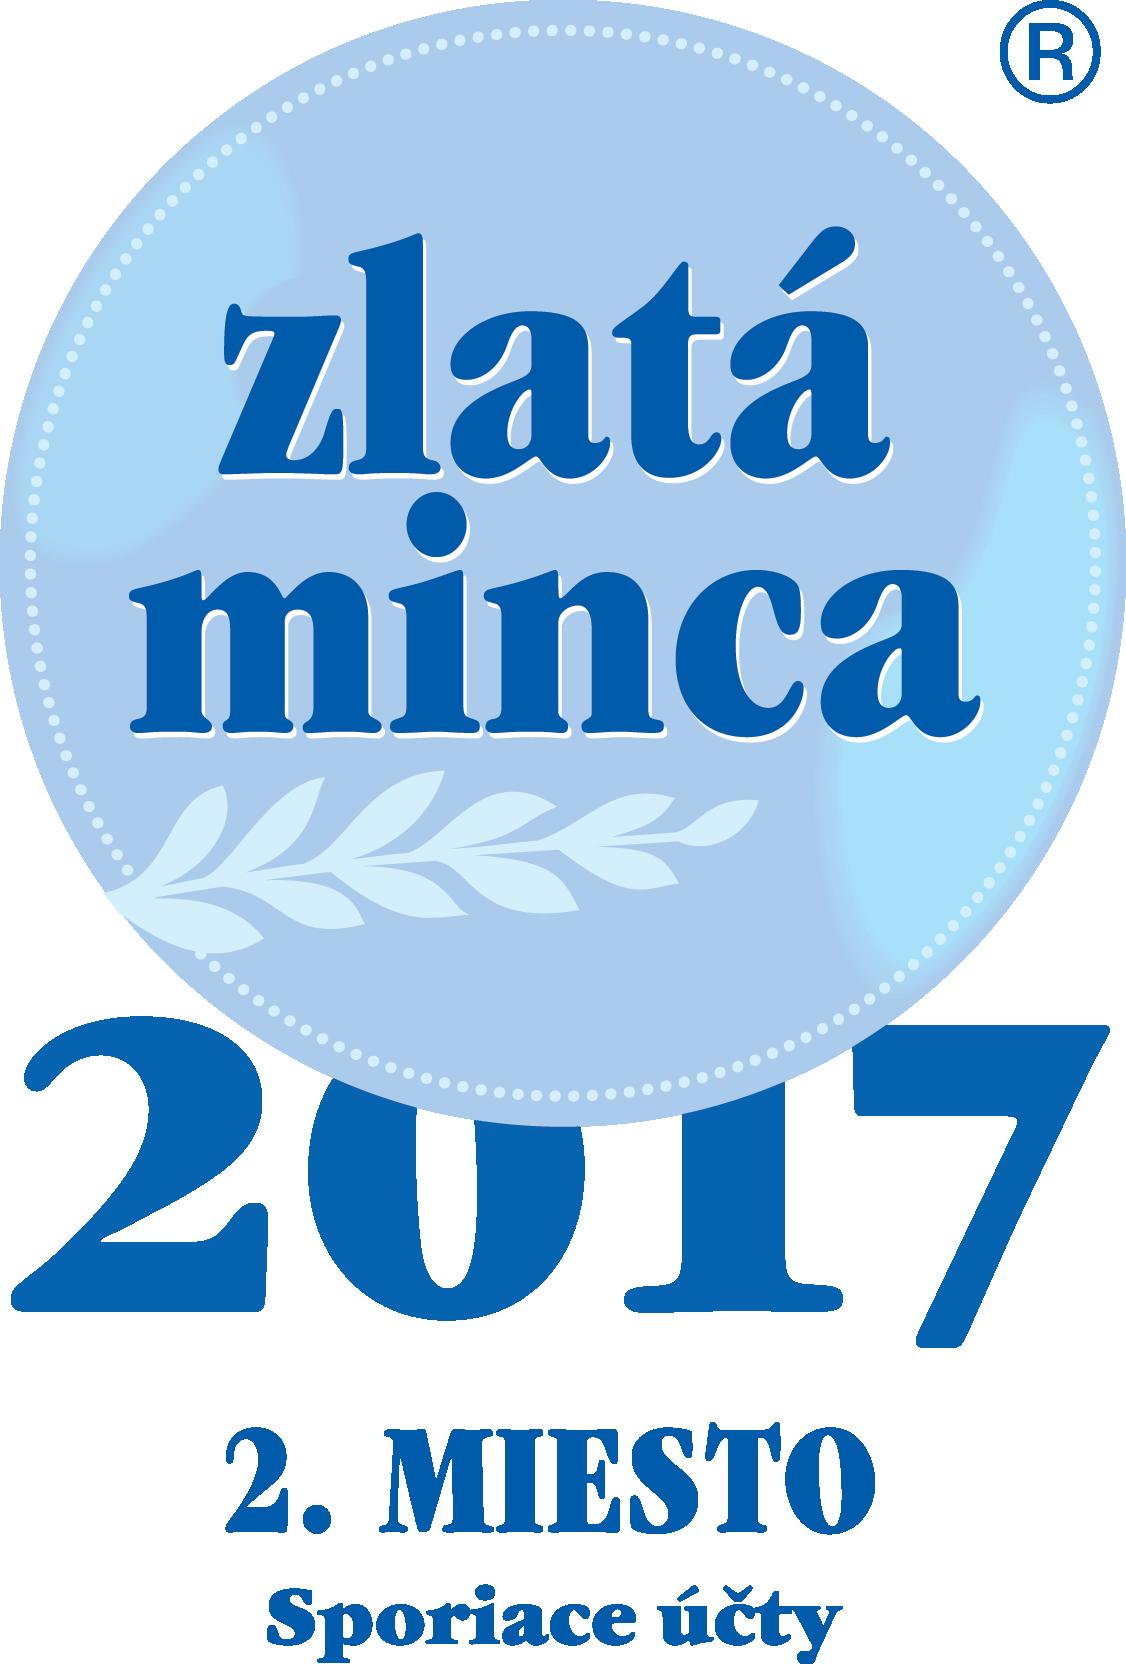 Zlatá minca 2017 - Sporiace účty - 2. miesto